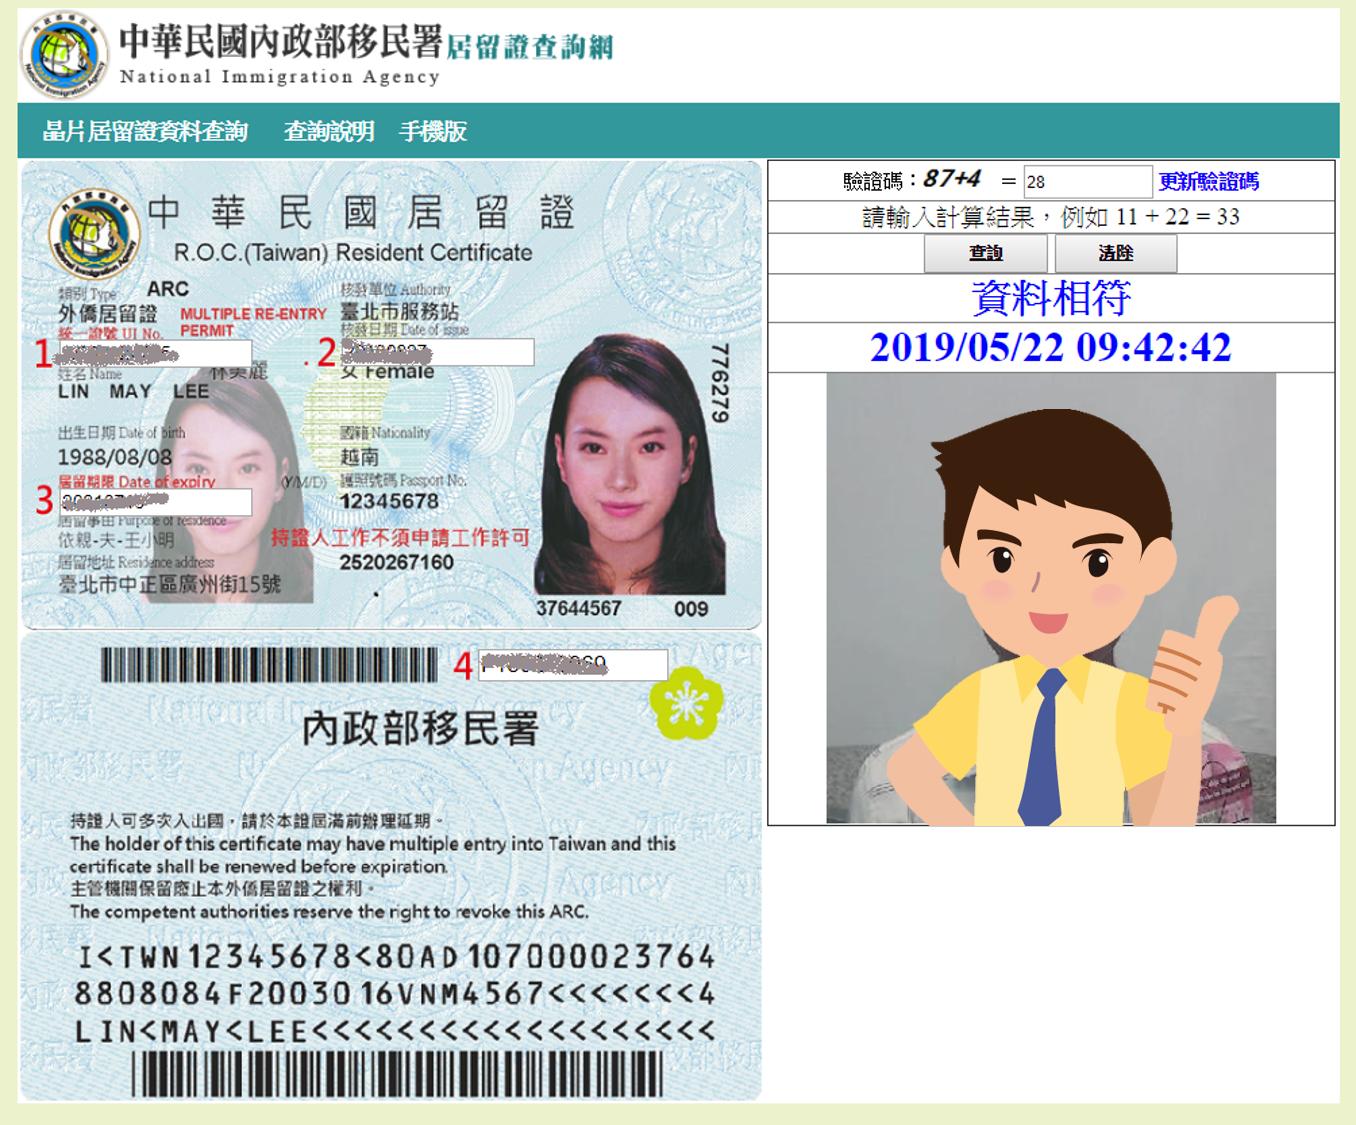 居留證查詢圖1-如果查詢結果為合法居留證,查詢結果會顯示與居留證相符的照片